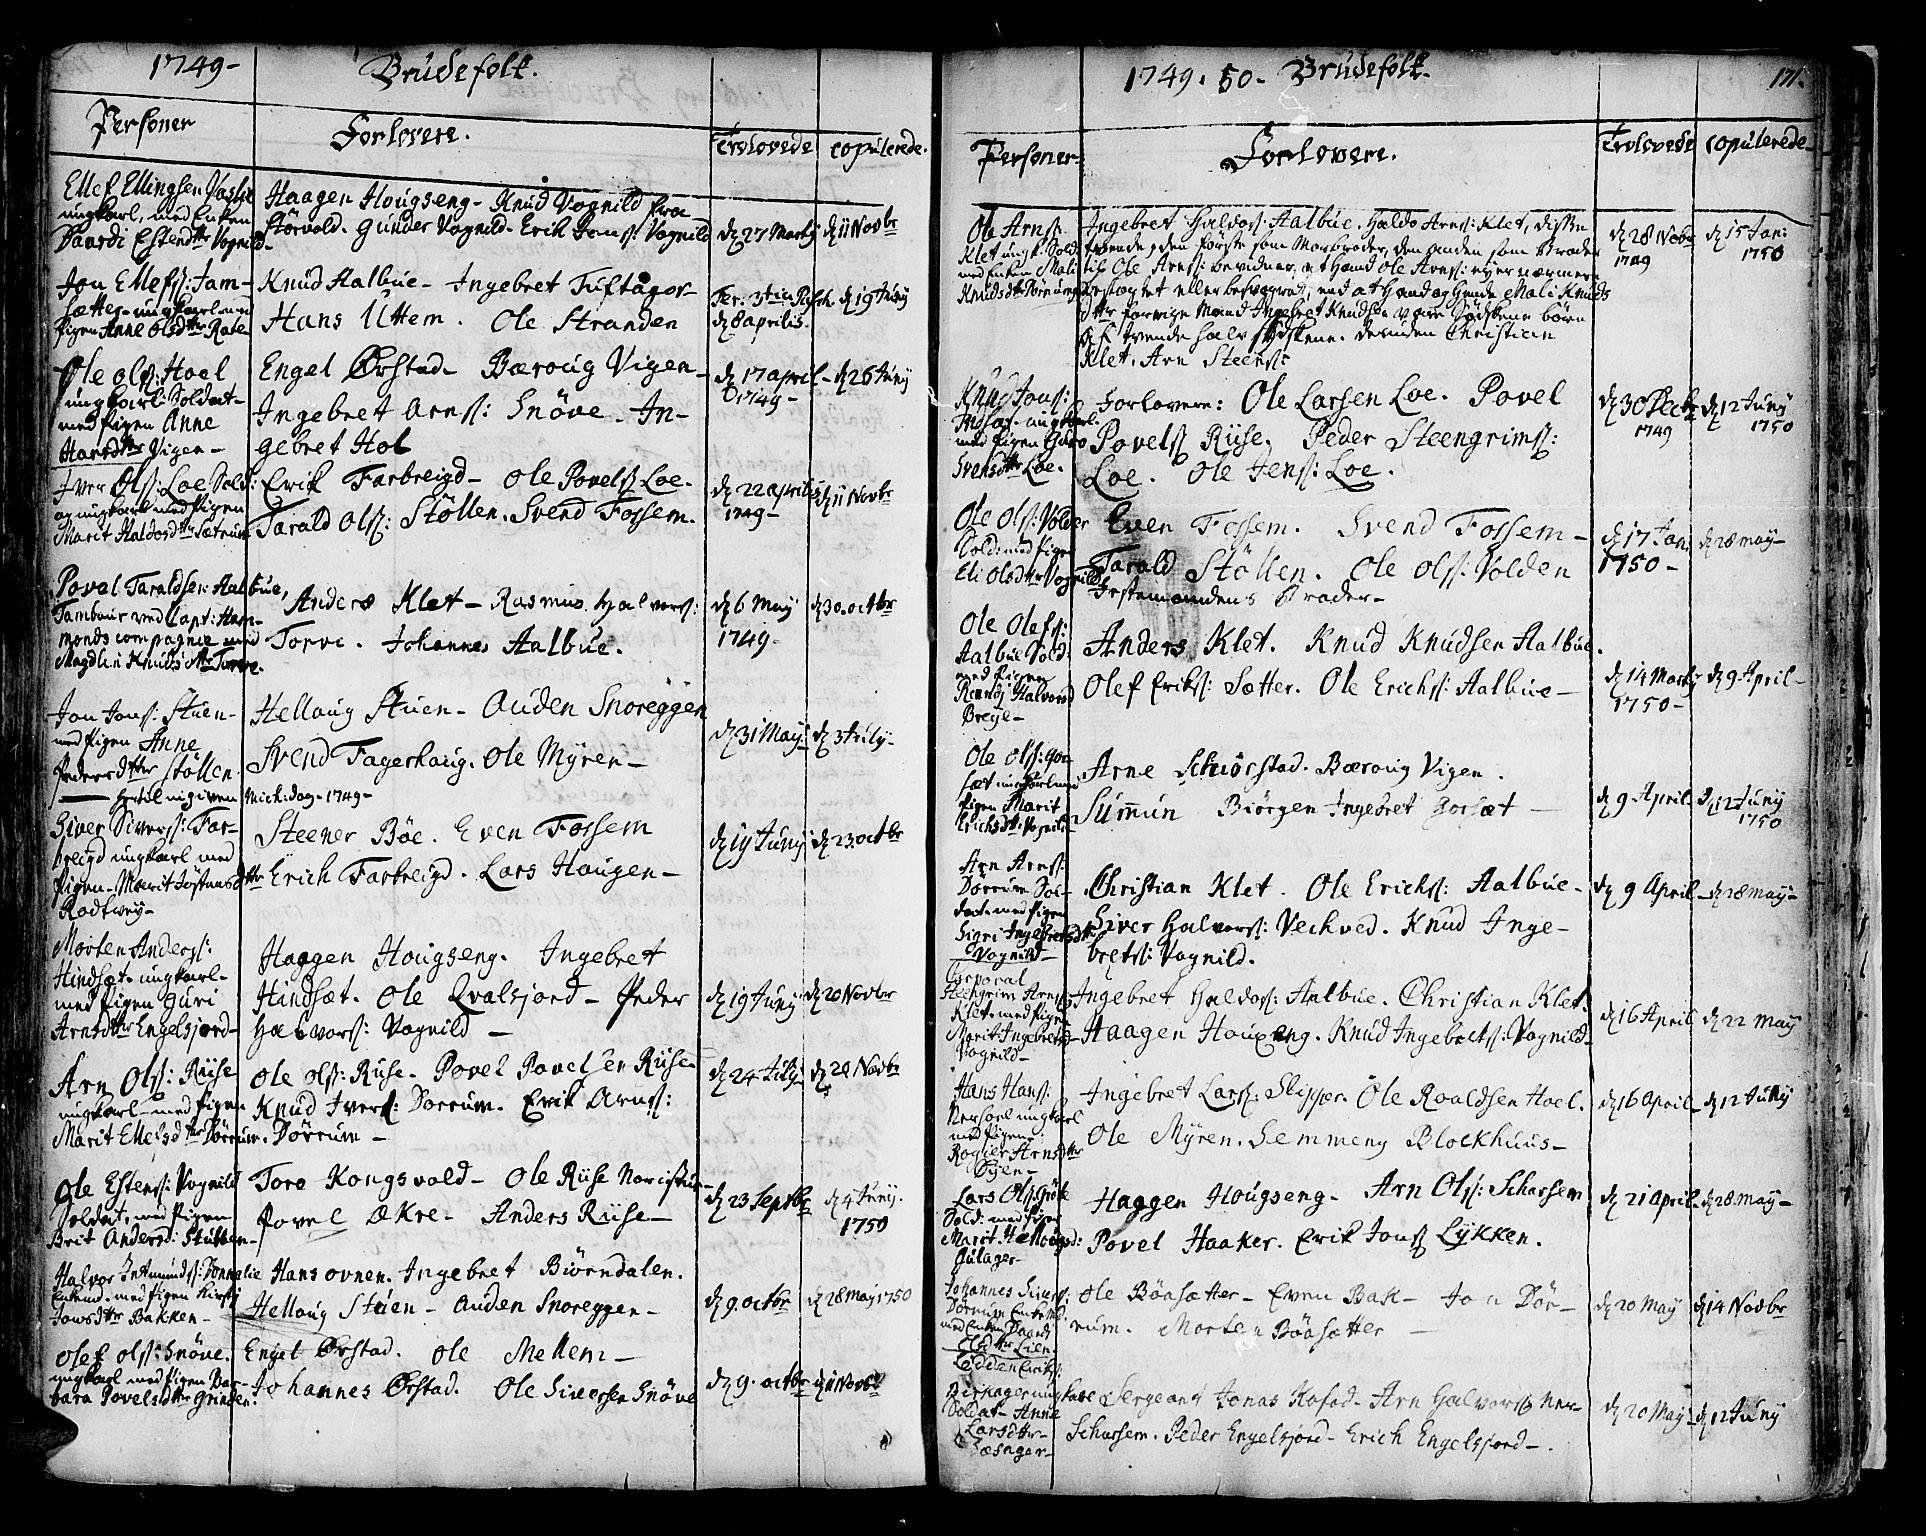 SAT, Ministerialprotokoller, klokkerbøker og fødselsregistre - Sør-Trøndelag, 678/L0891: Ministerialbok nr. 678A01, 1739-1780, s. 171